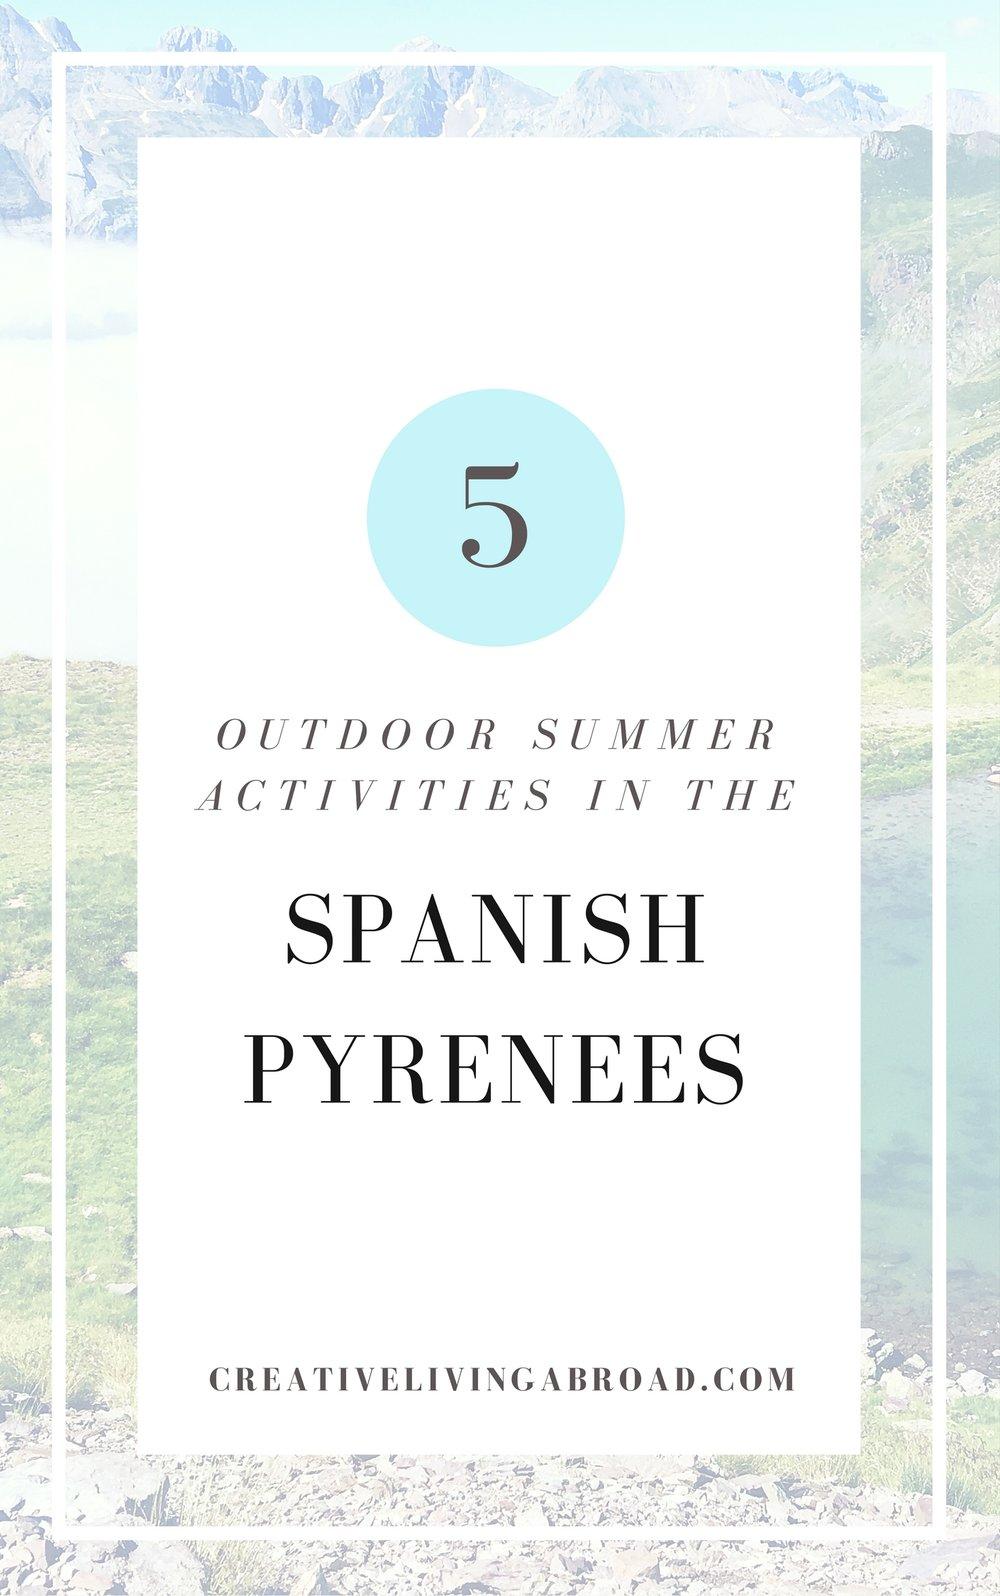 outdoor summer activities pyrenees spain